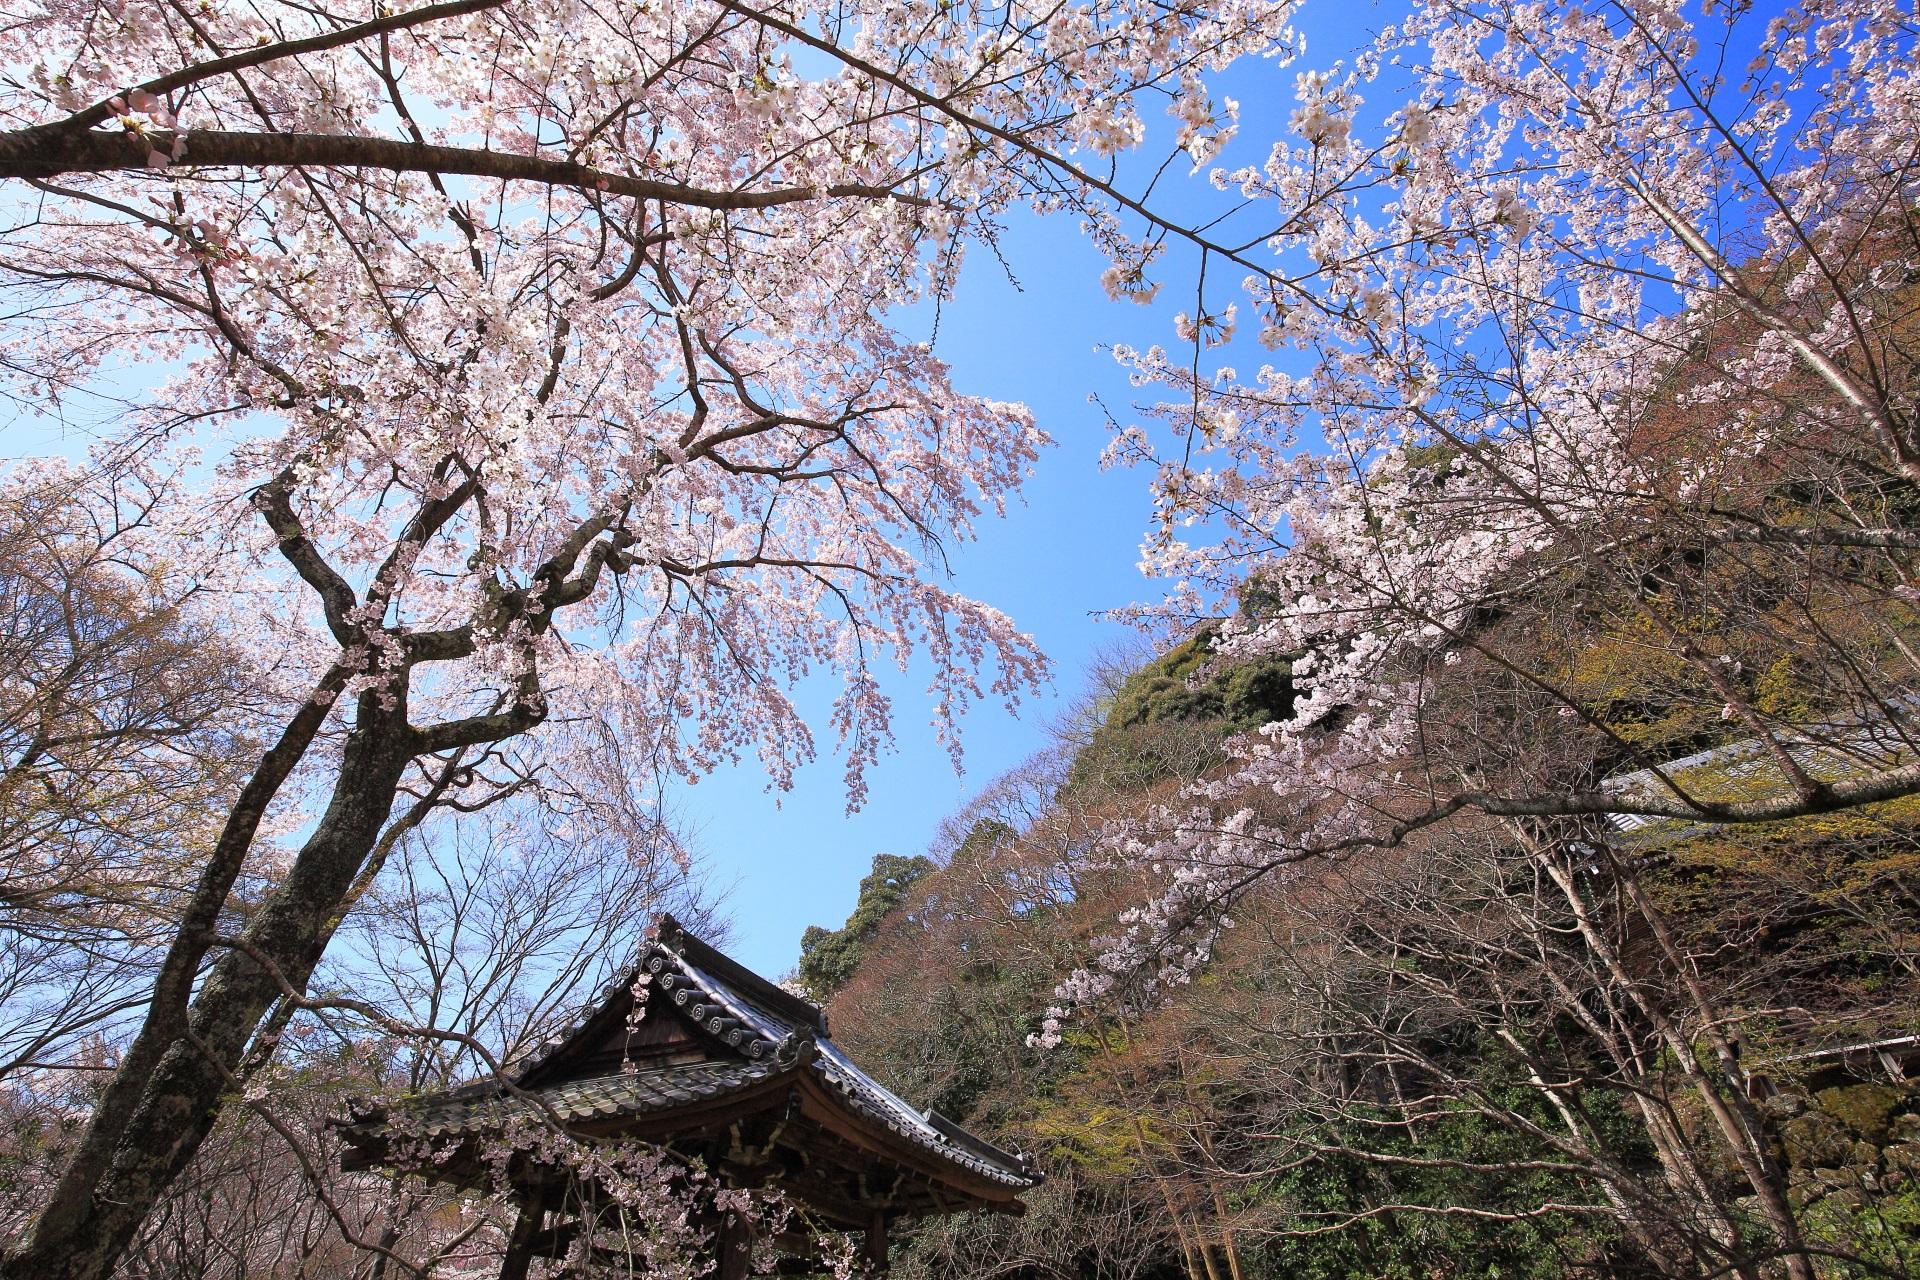 勝持寺の煌びやかな西行桜に染まる青空